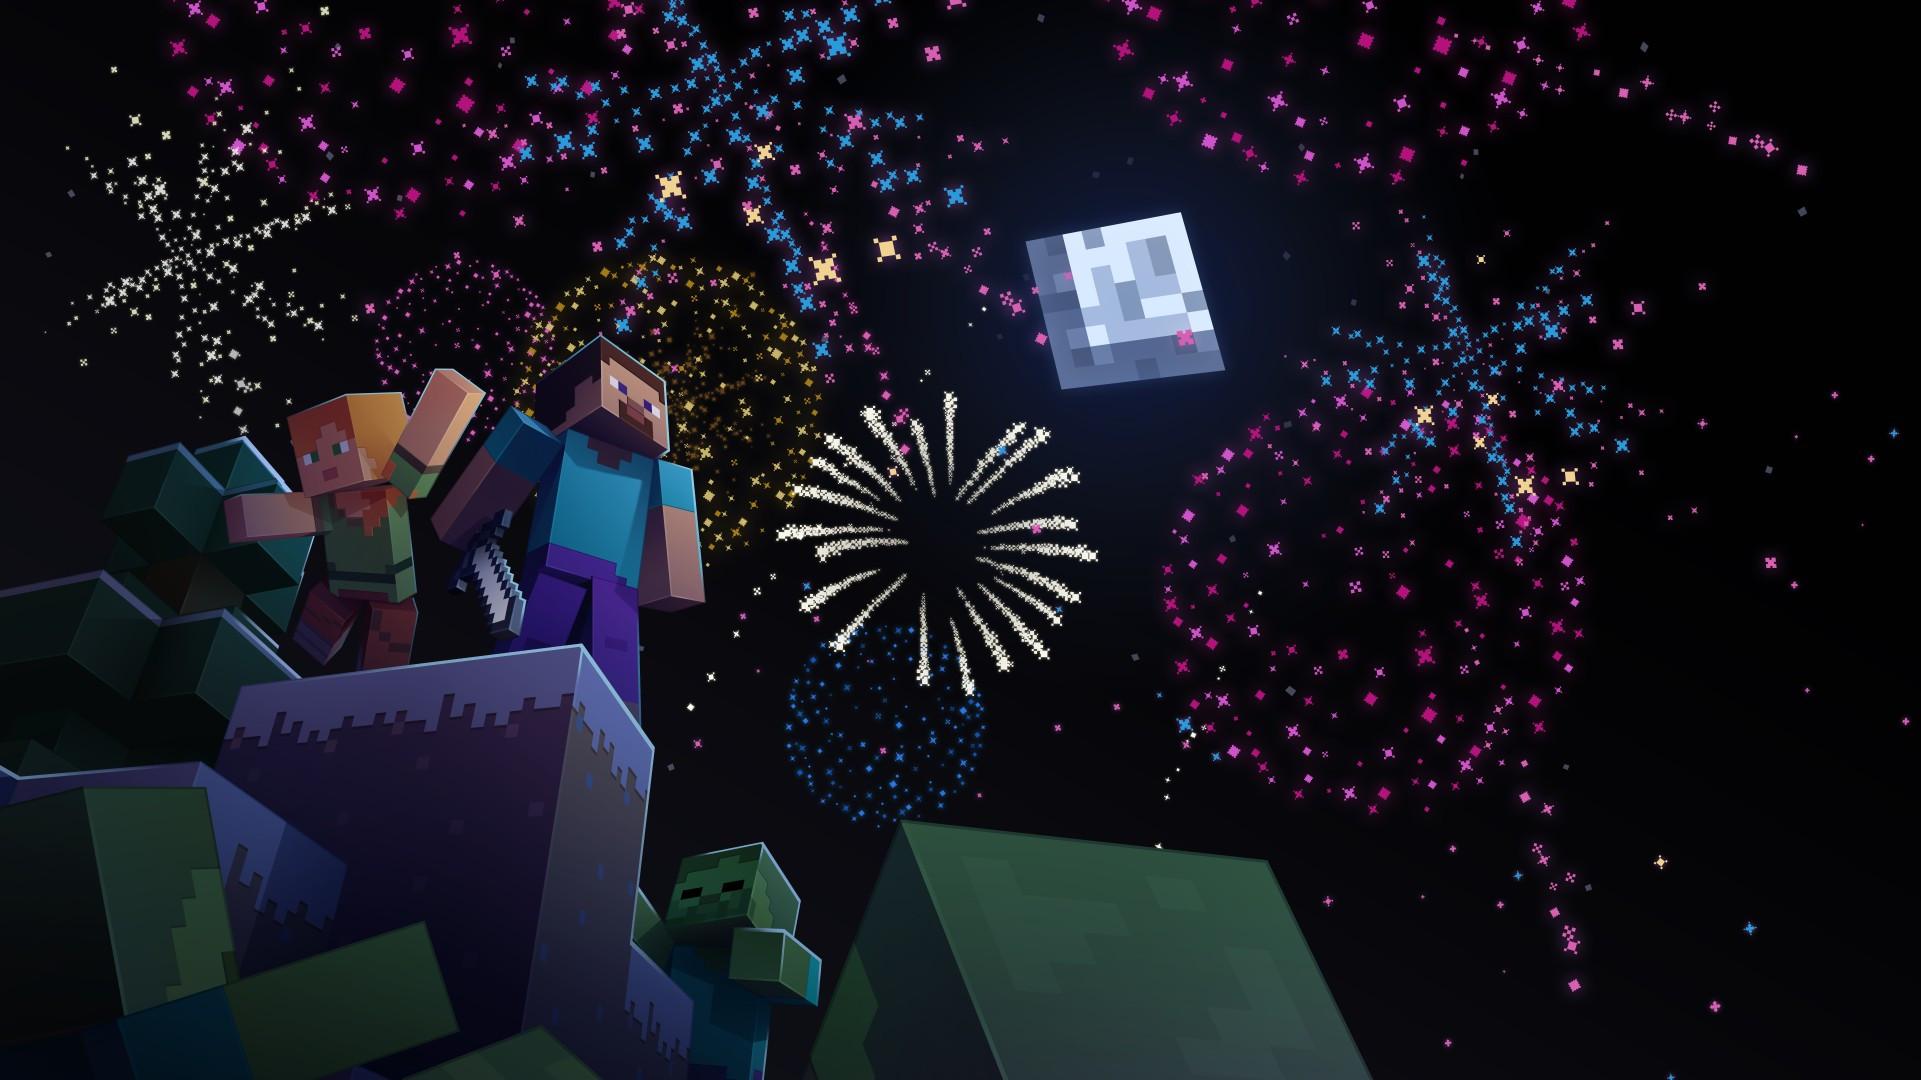 Nu har det sålts 200 miljoner exemplar av Minecraft Och Mojang byter namn till Mojang Studios